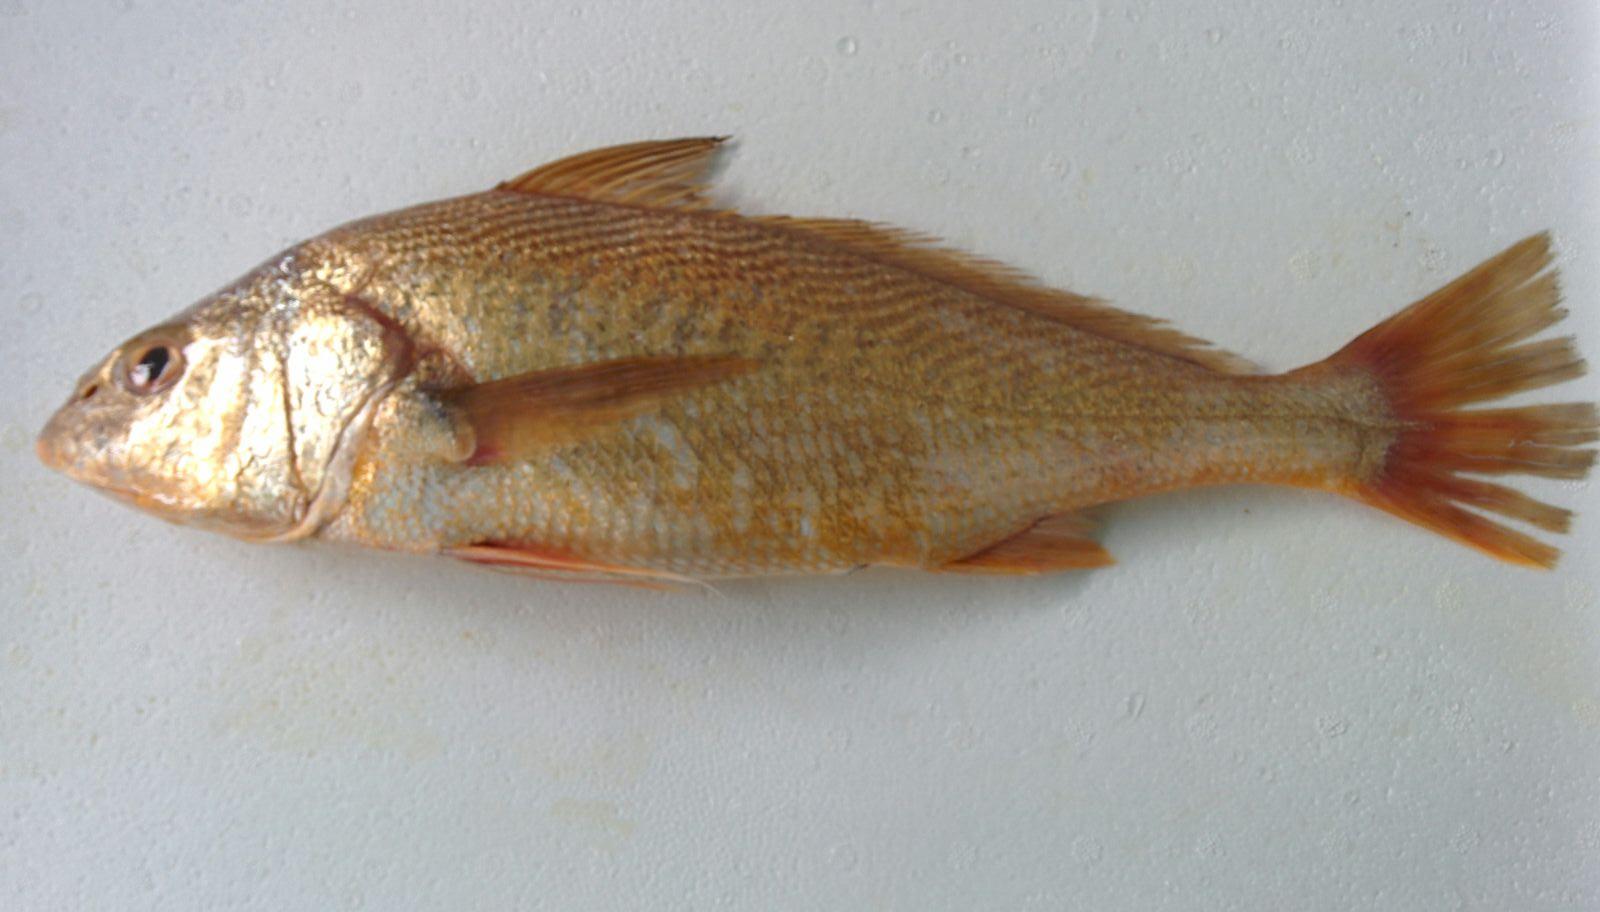 Bashaw\Croaker (Micropogonias furnierei)